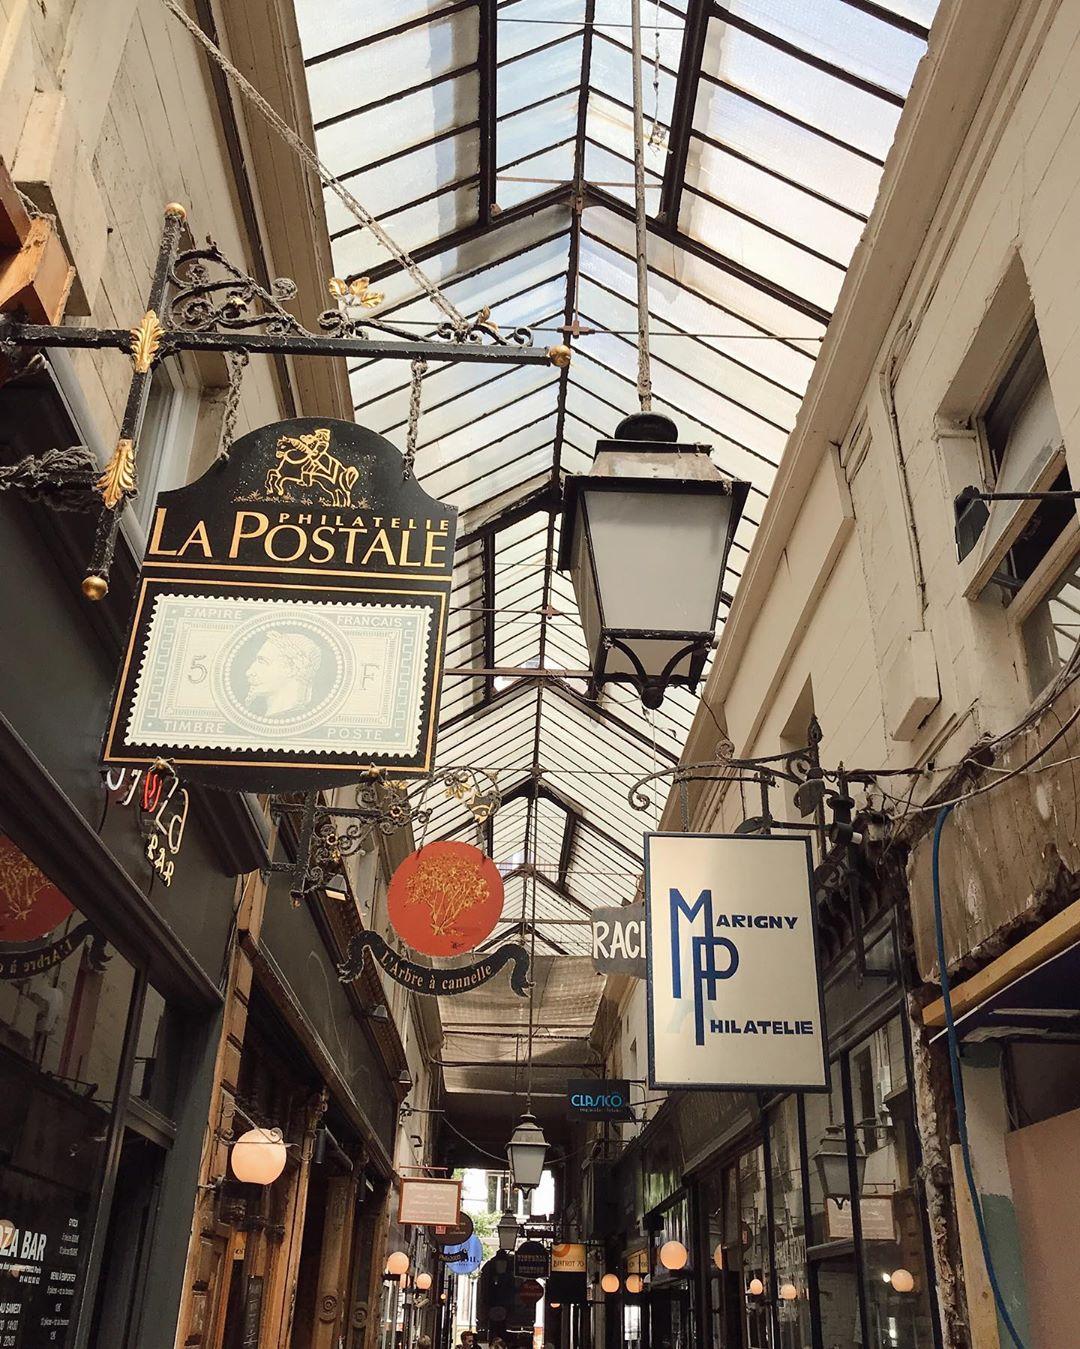 MLM LABEL ELOISE JAKSIC PARIS